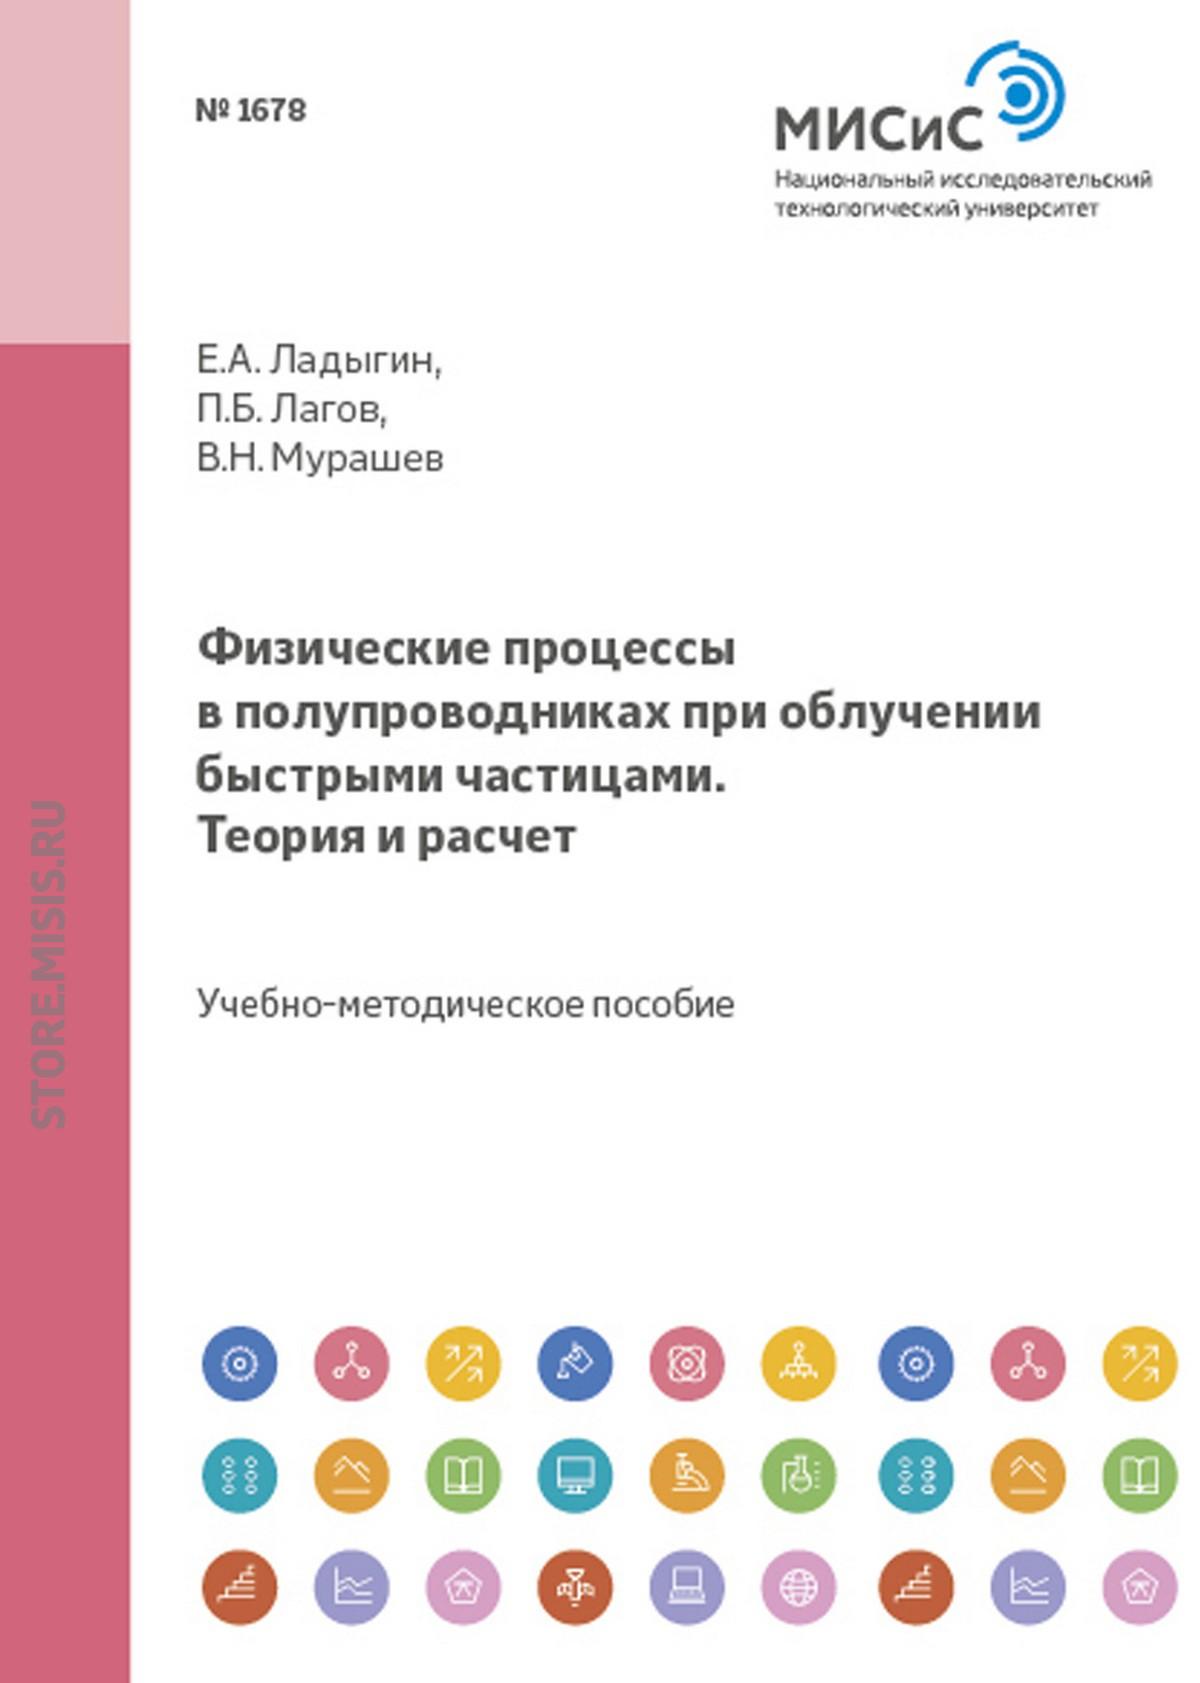 В. Н. Мурашев Физические процессы в полупроводниках при облучении быстрыми частицами. Теория и расчет